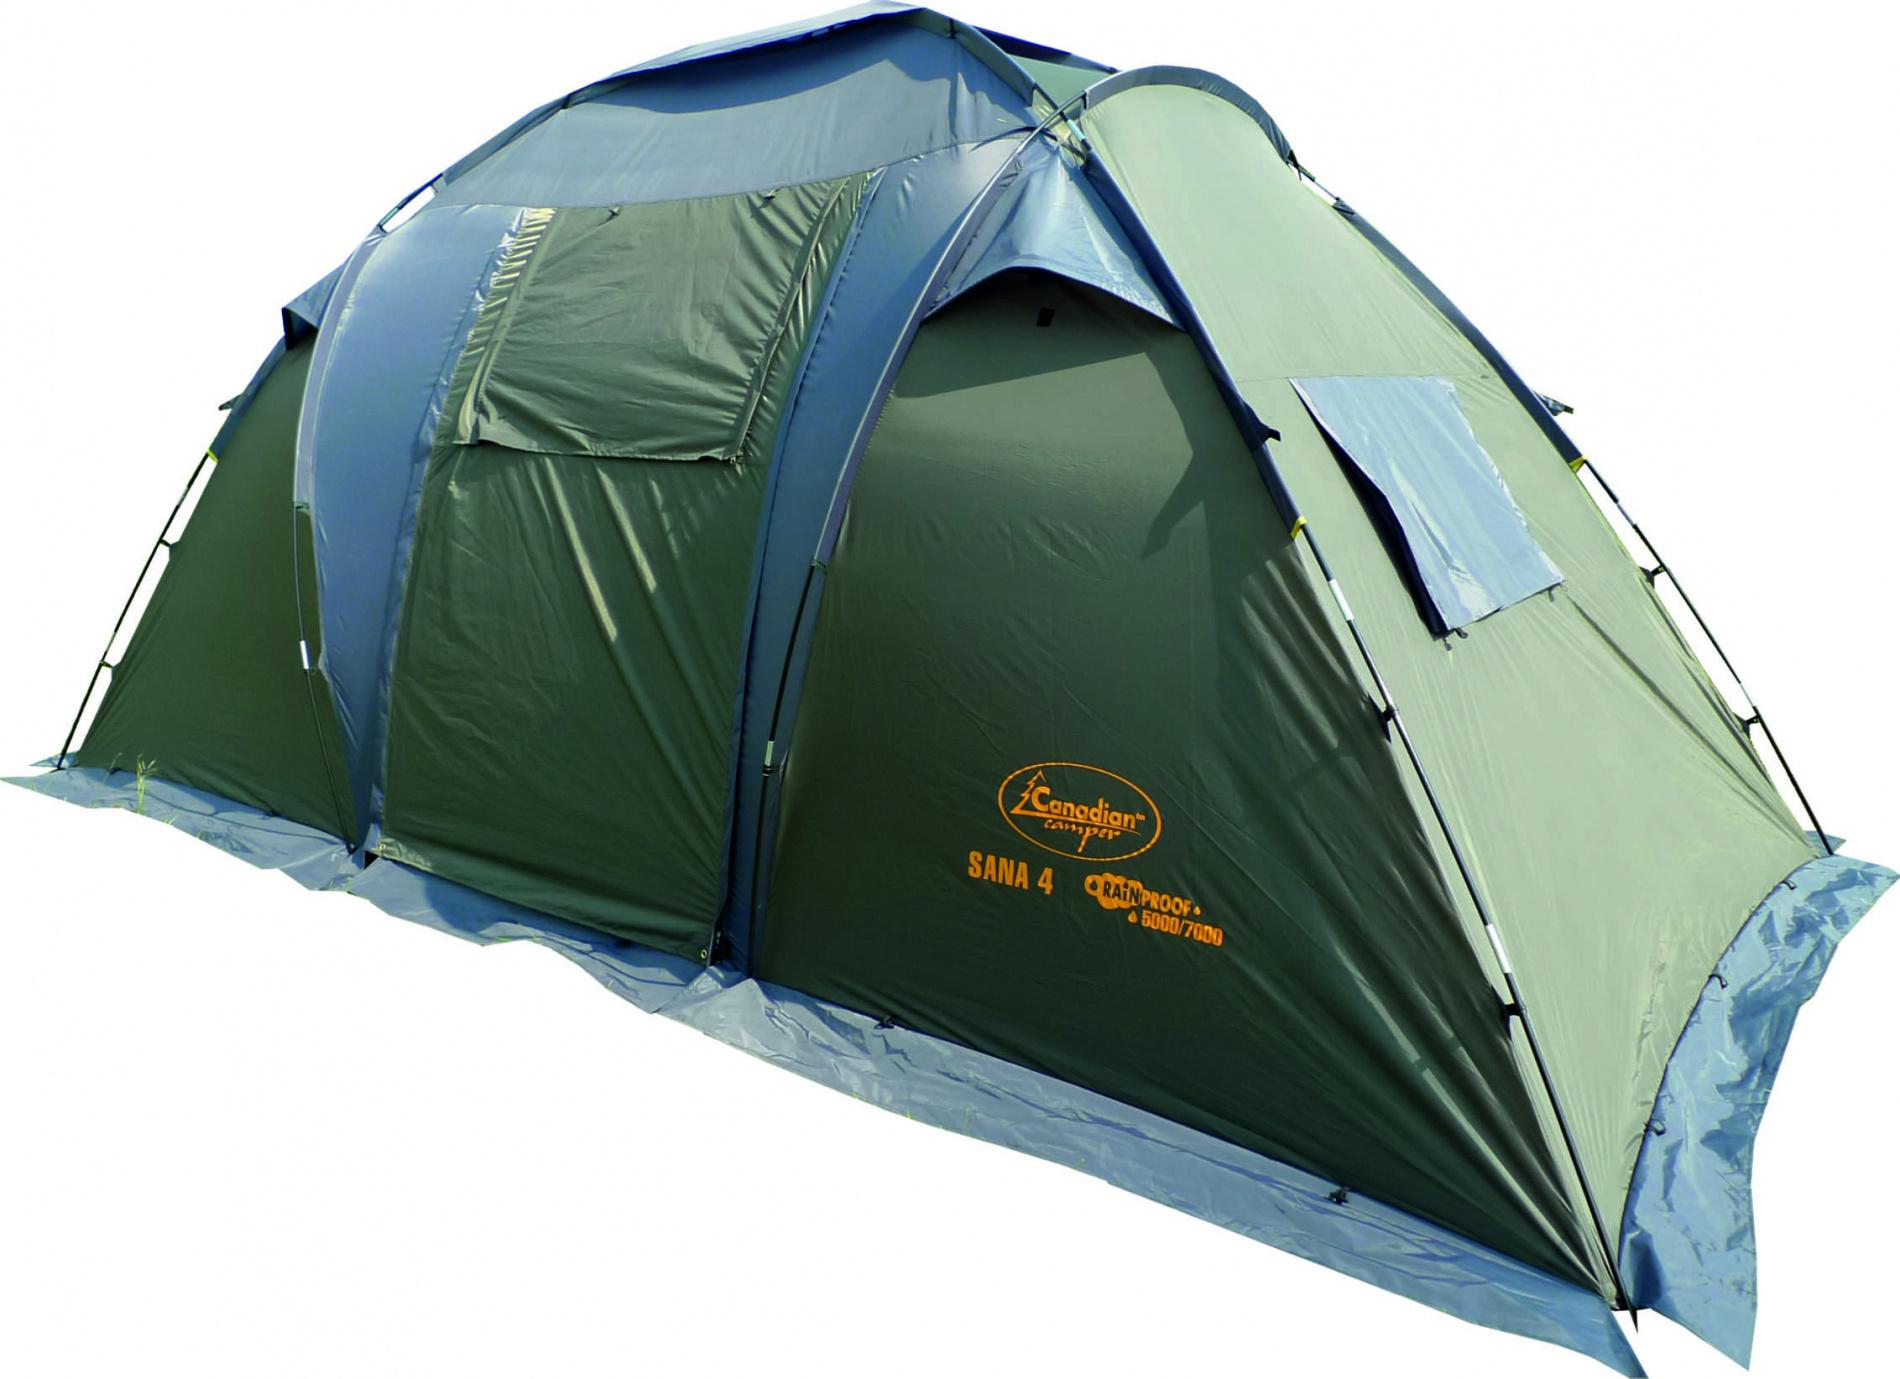 Палатка Canadian Camper SANA 4 (цвет forest дуги 11/9,5 Палатки<br>Особенности: - 2 спальные двухместные комнаты; <br>- 7 вентиляционных окон; - 2 входа с антимоскитными <br>сетками.<br><br>Сезон: лето<br>Цвет: зеленый